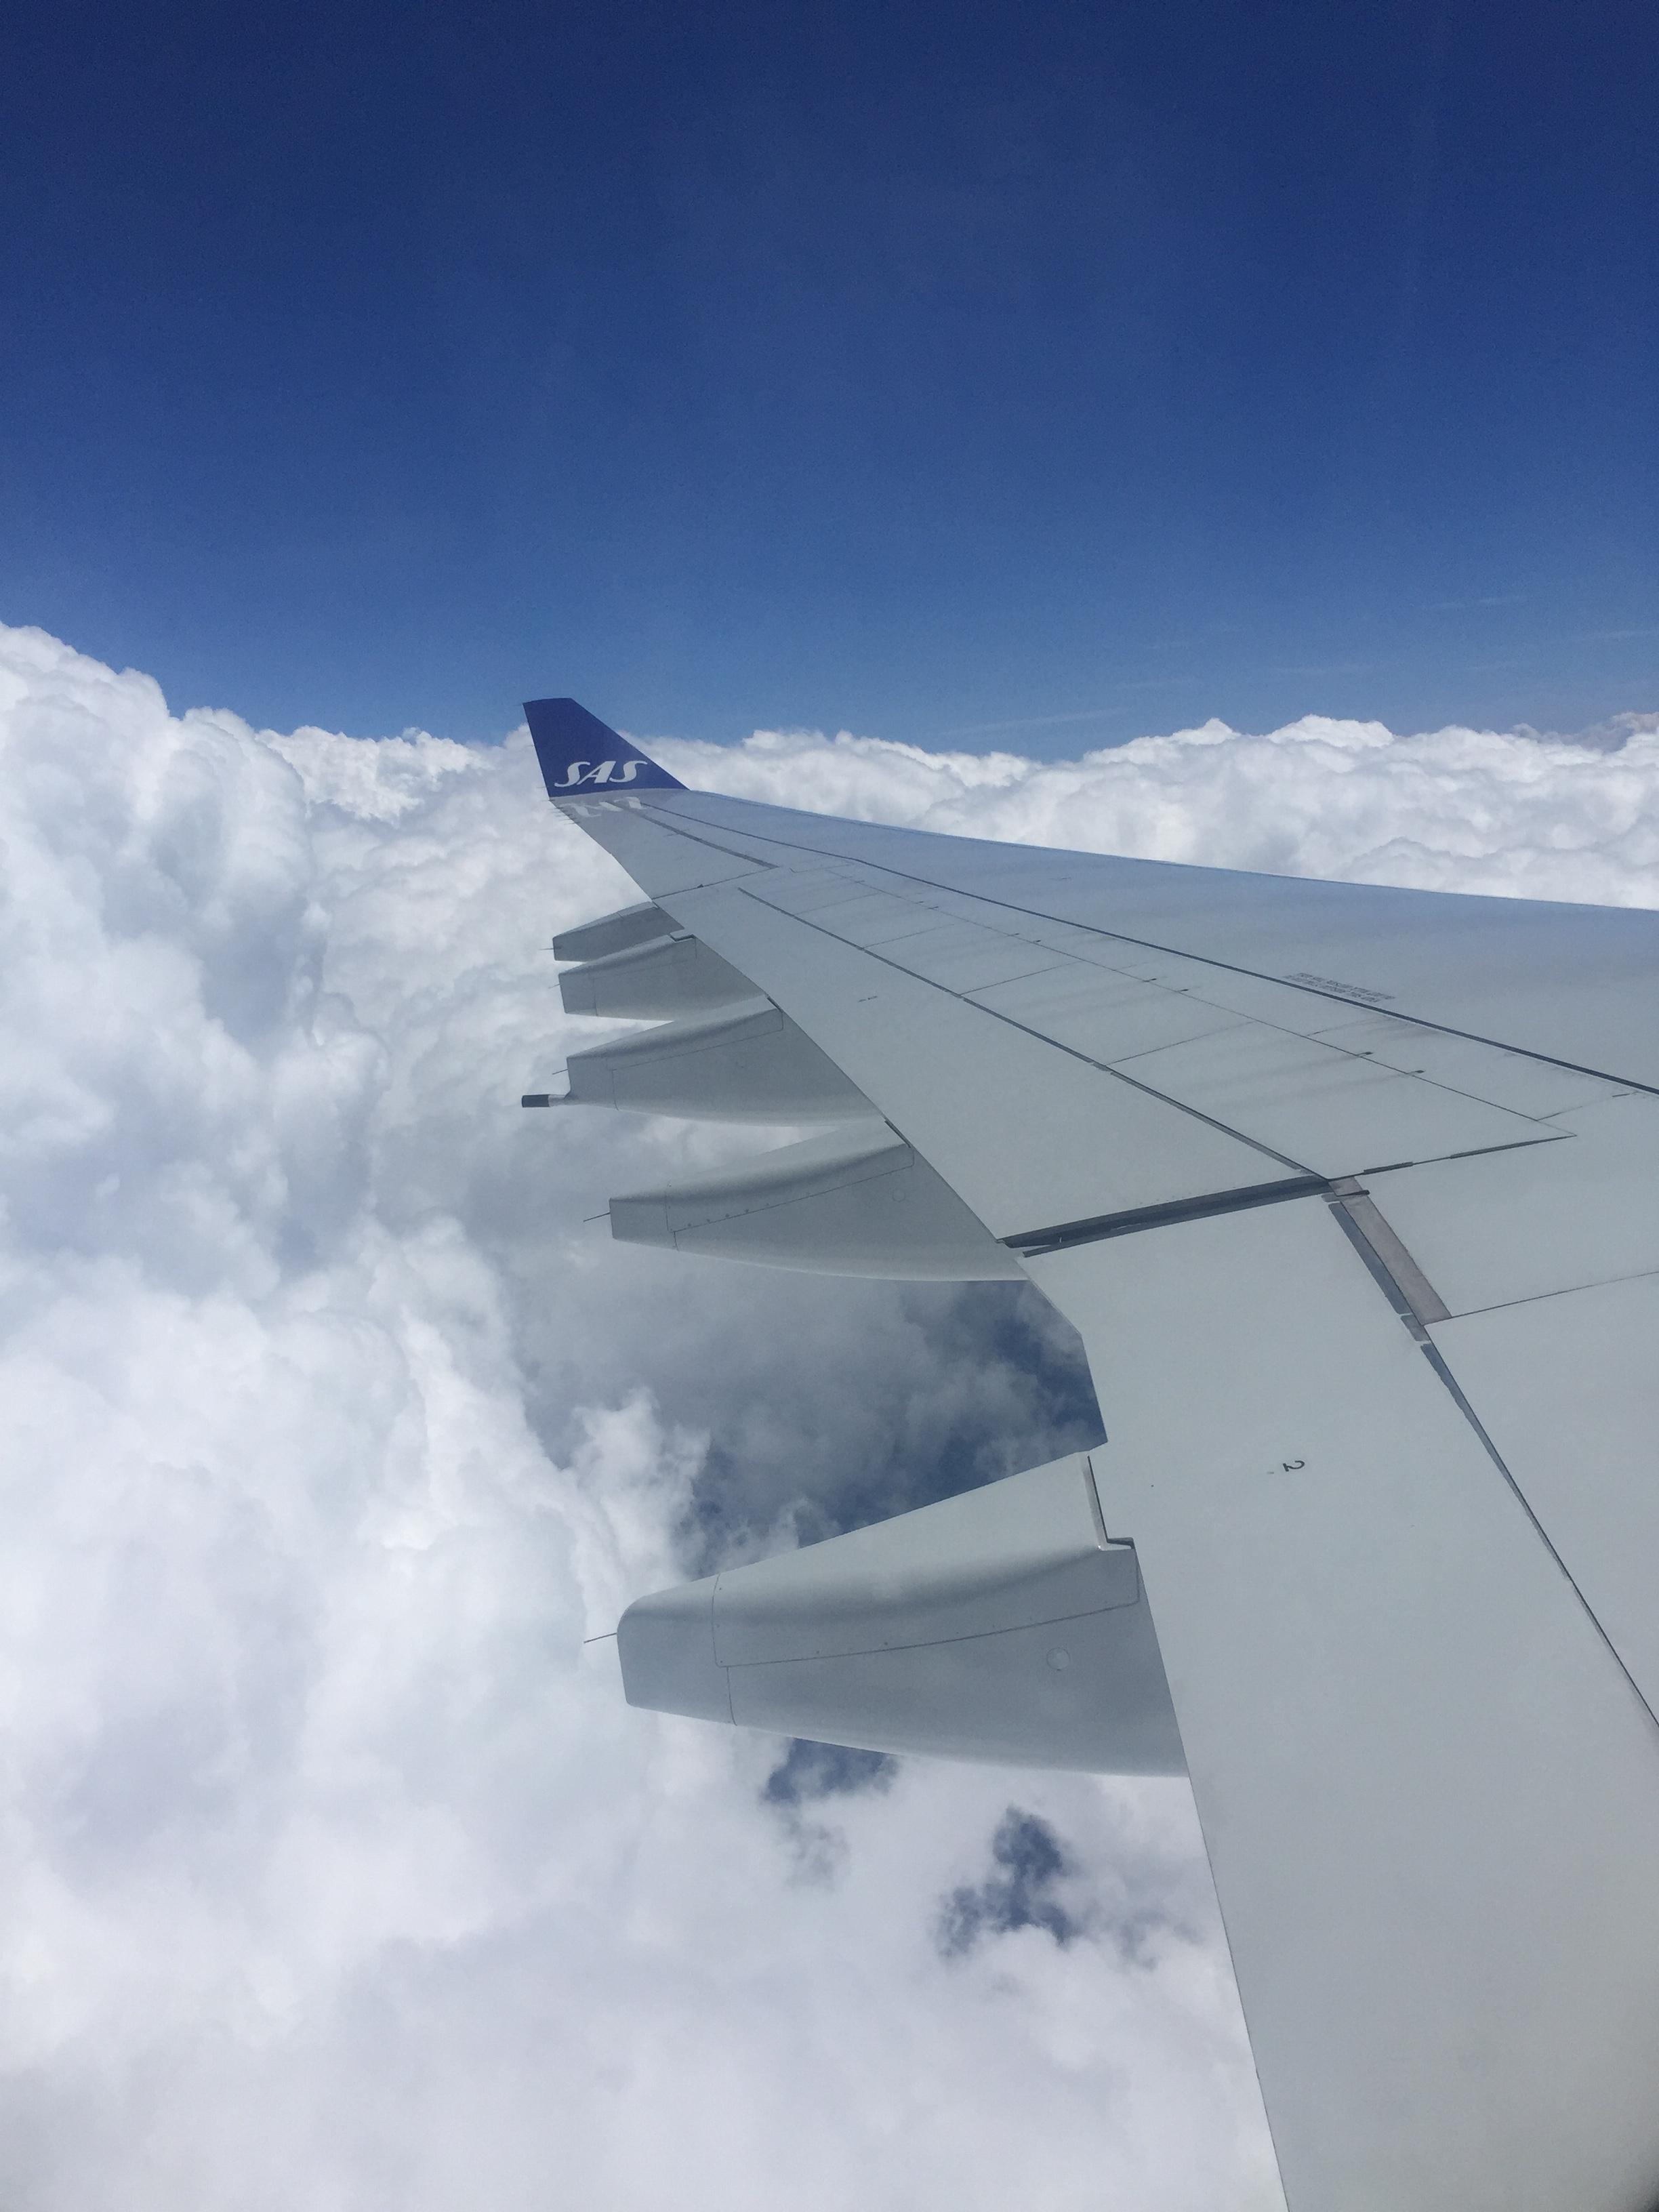 rejse alene, rejse, new york, familie, savn, veninder, las vegas, washington, sommerferie, newark, manhattan, oplevelse, fly, vinge, skyer, himmel